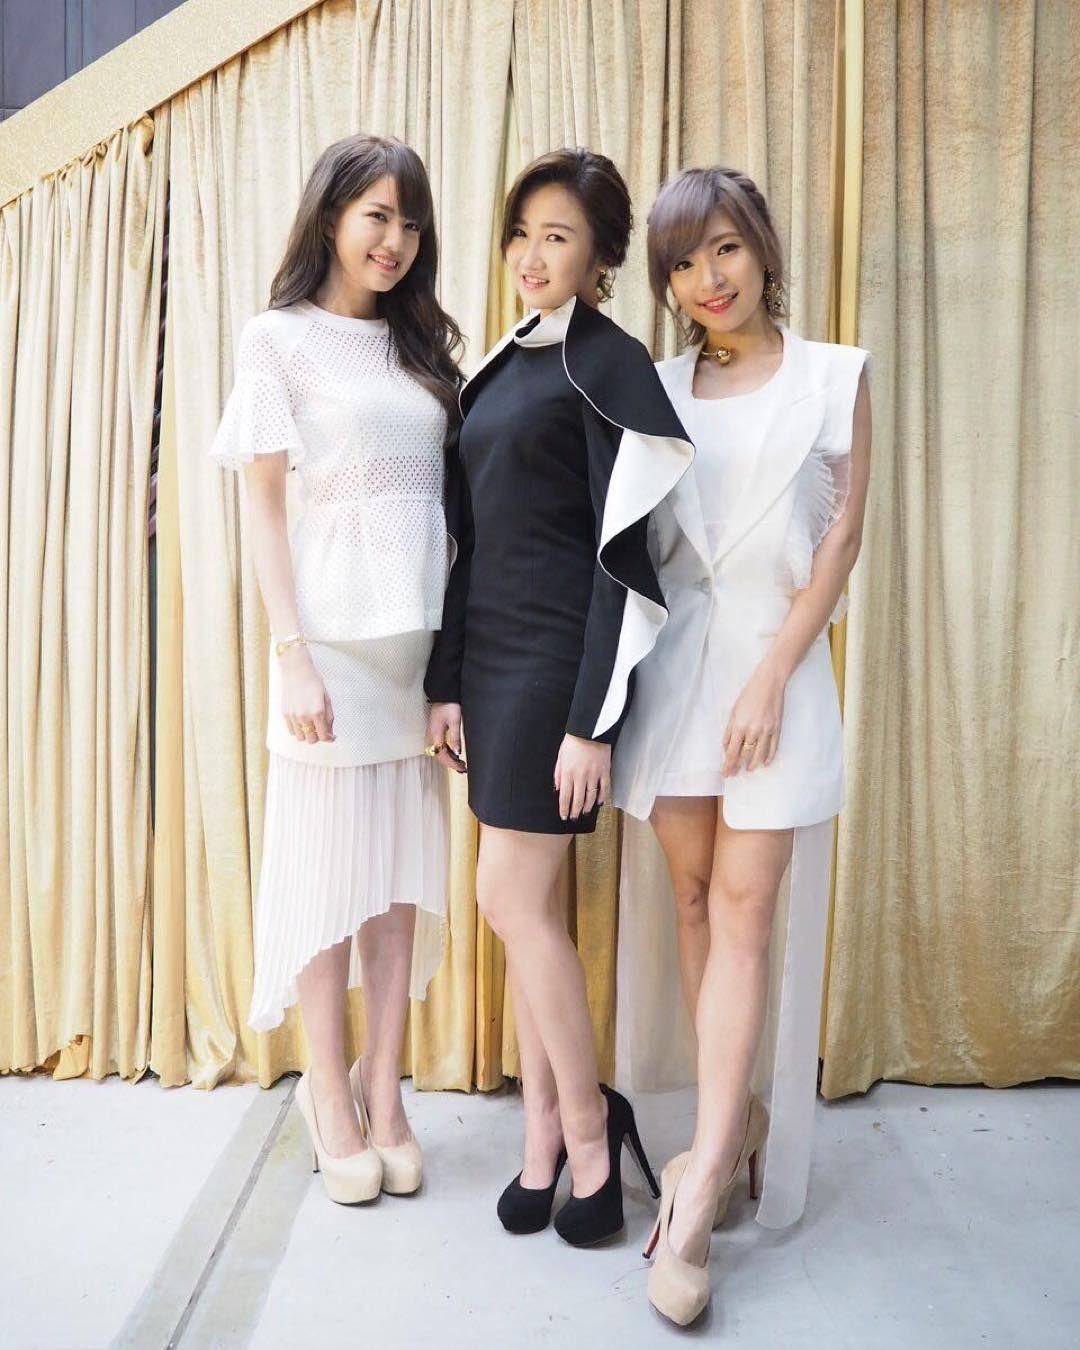 hong kong girls